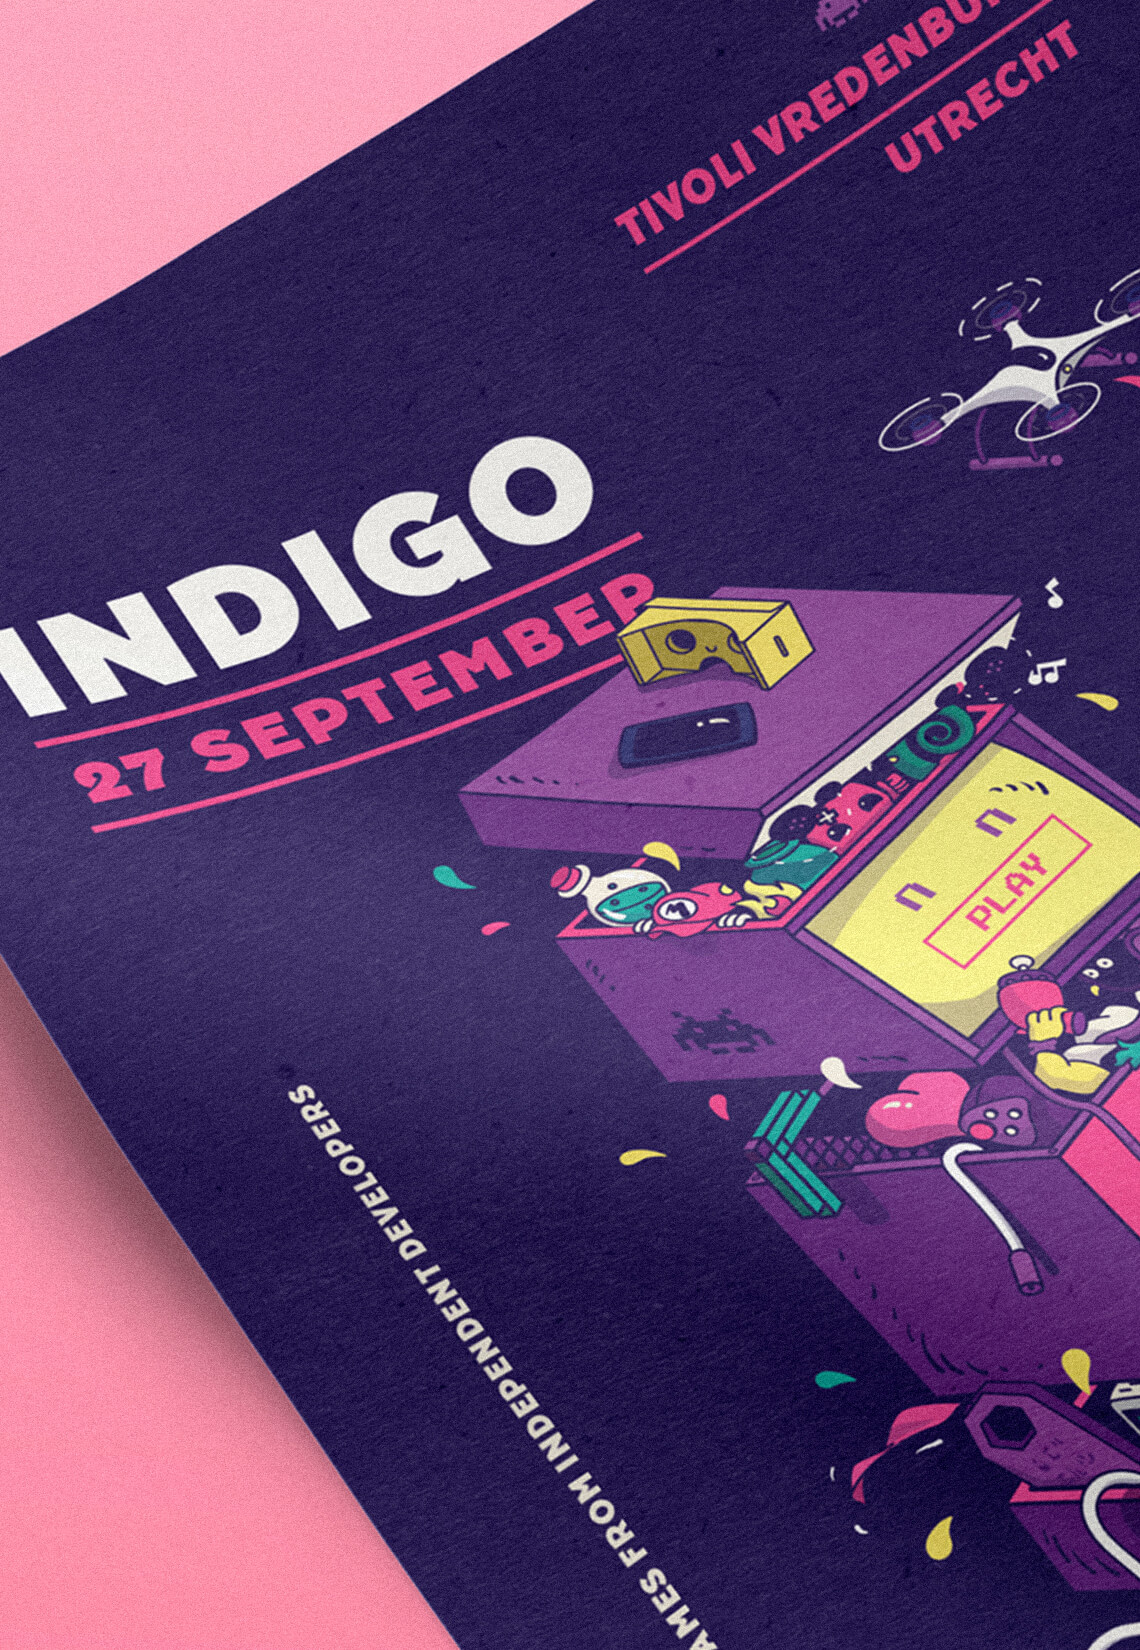 Indigo-thumb